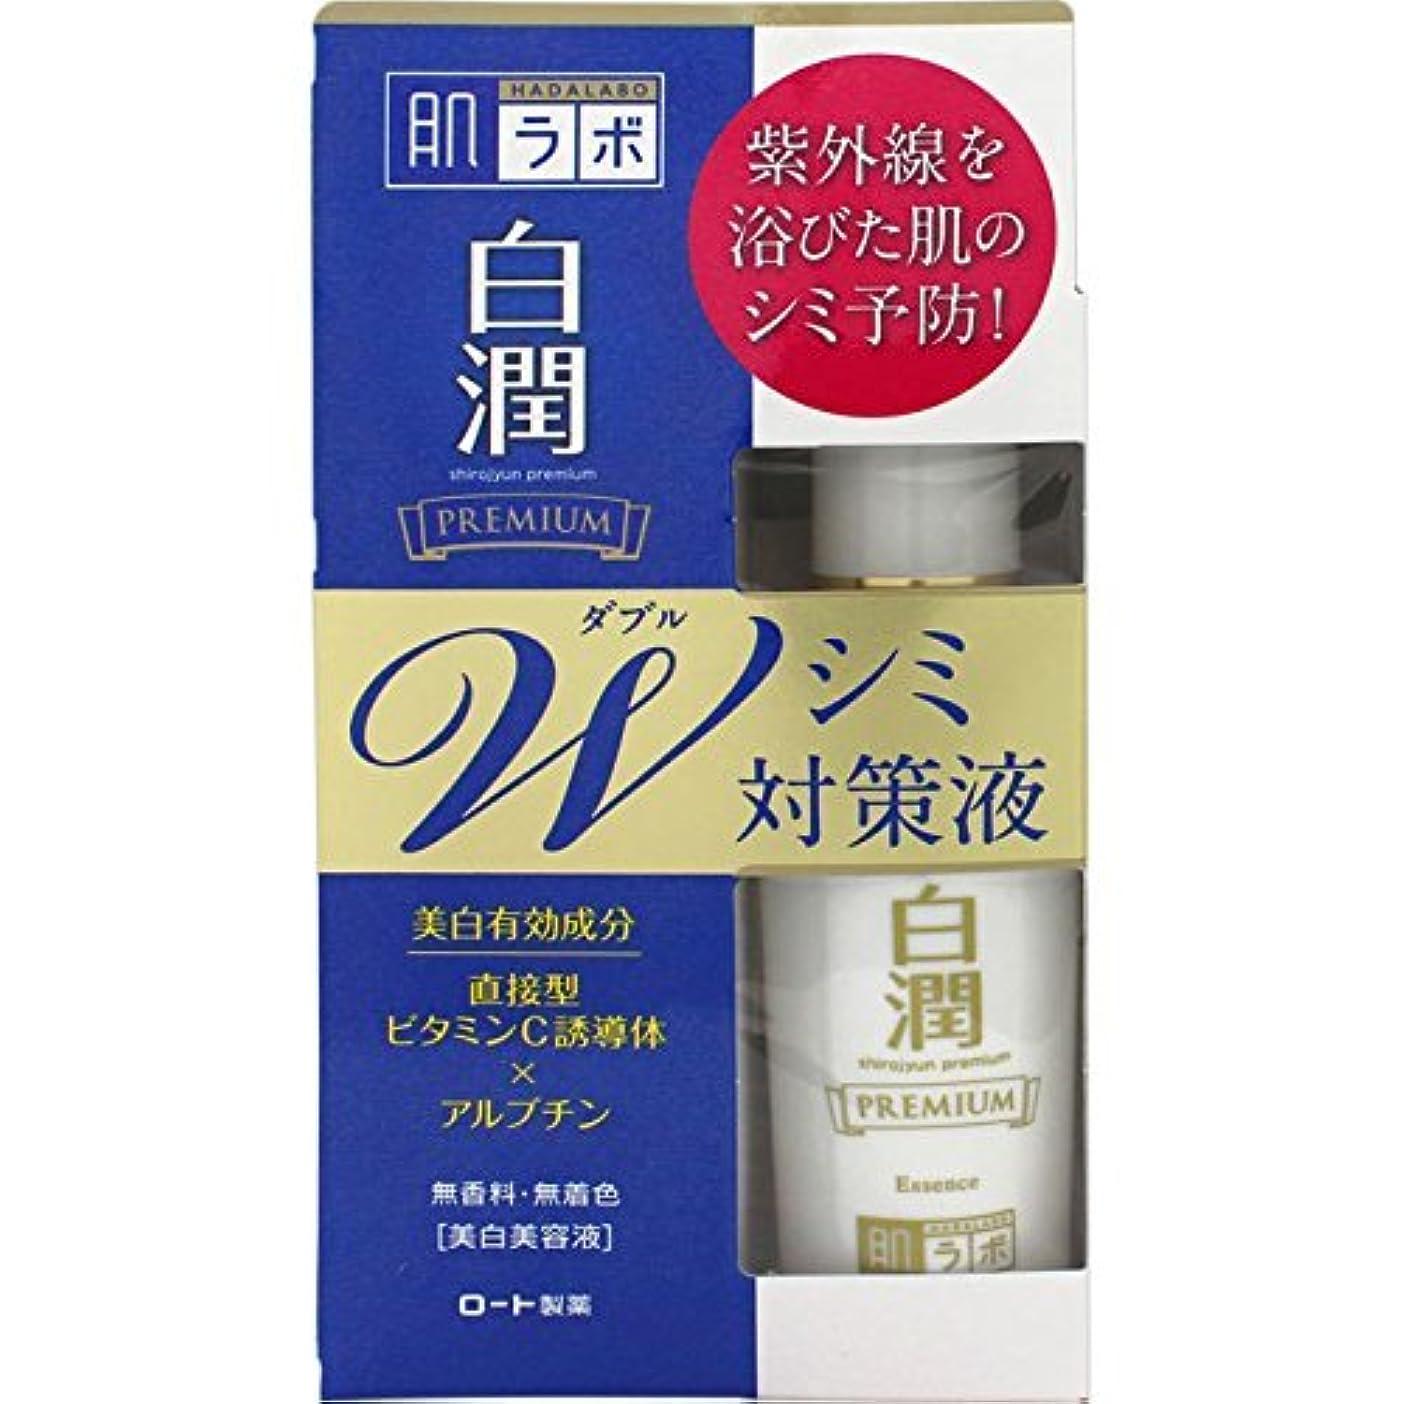 グリップカビ結果肌ラボ 白潤 プレミアムW美白美容液 40mL (医薬部外品)×7